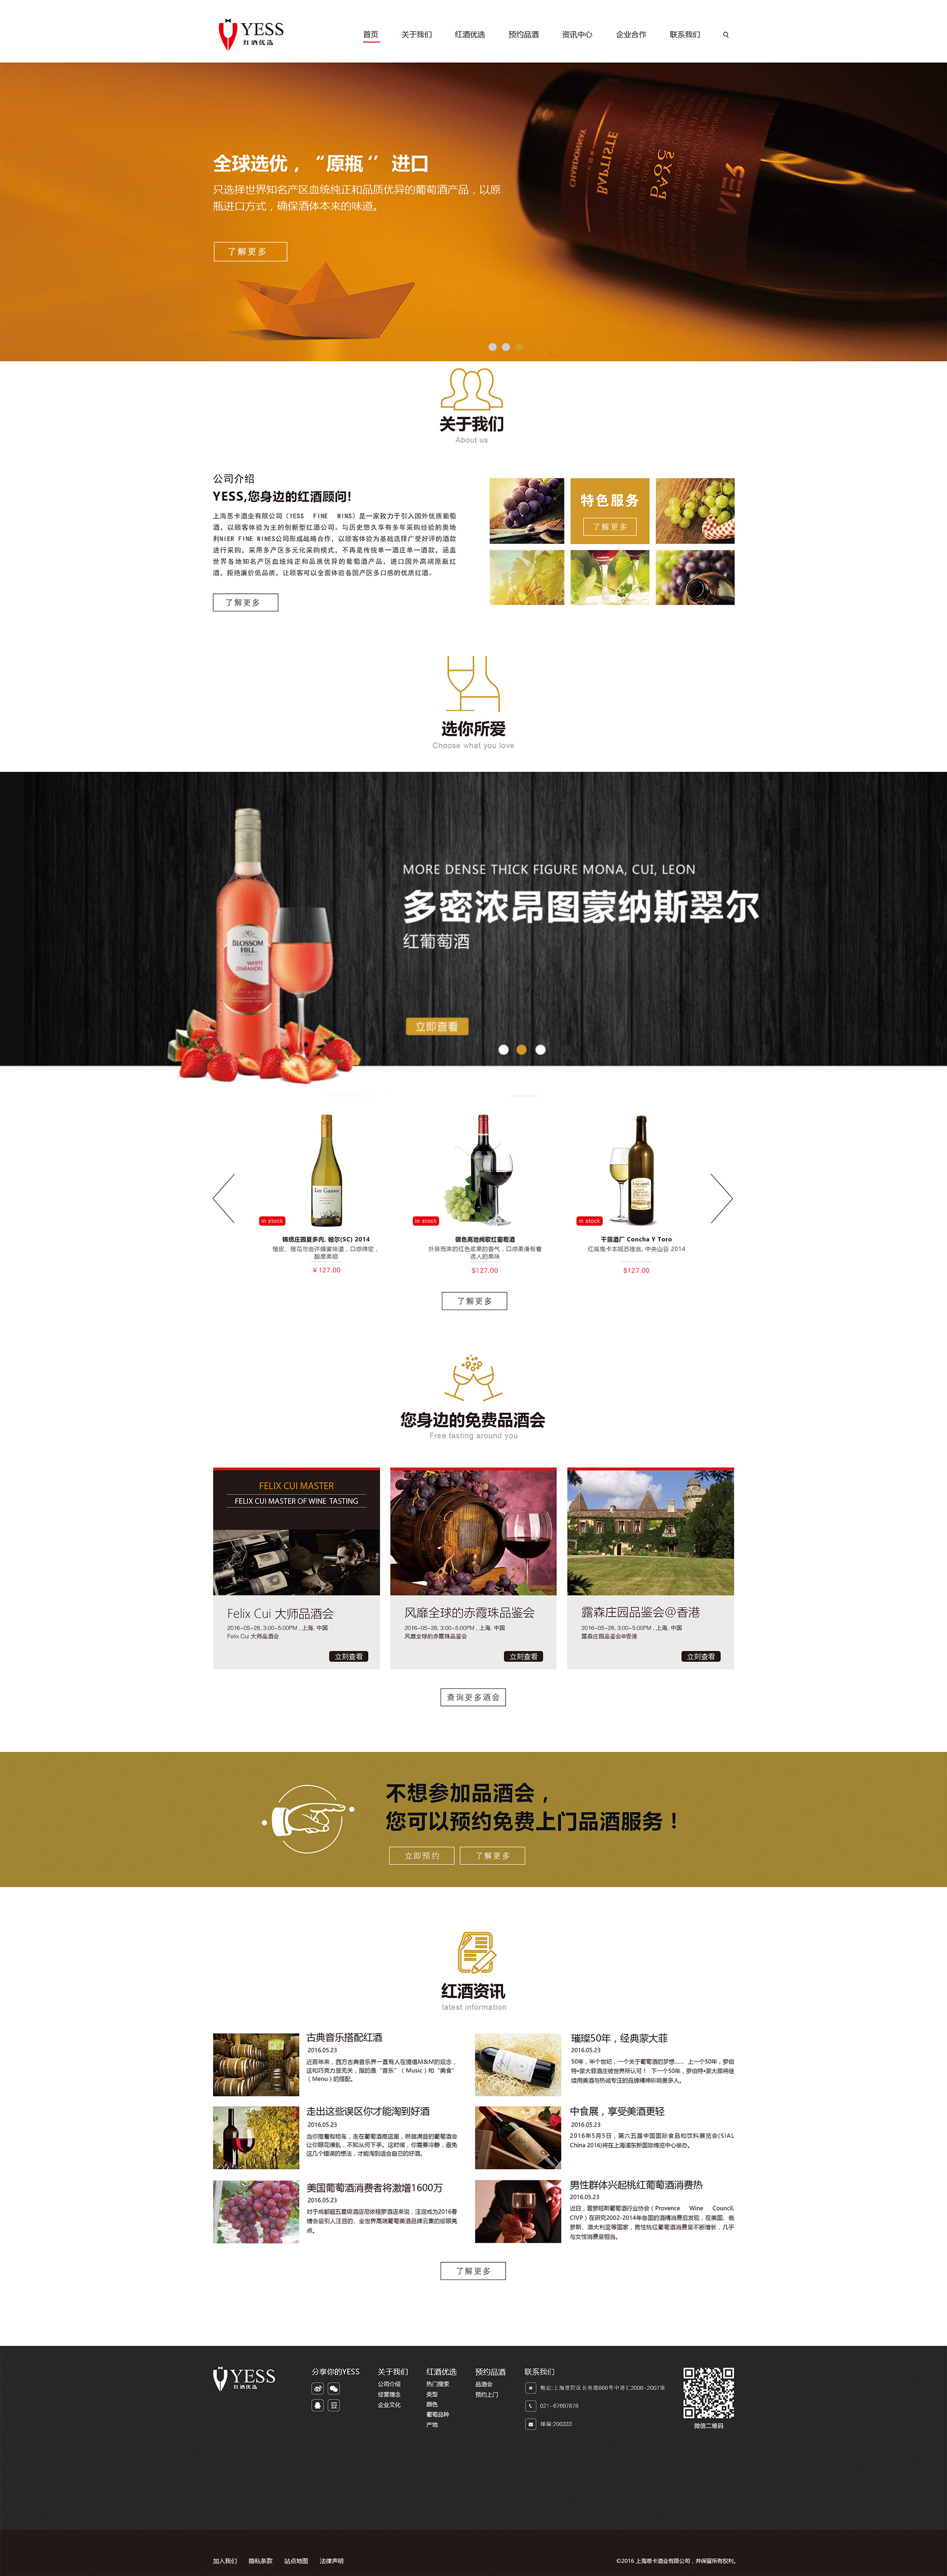 上海卡恩酒业yess红酒优选网站策划设计建设